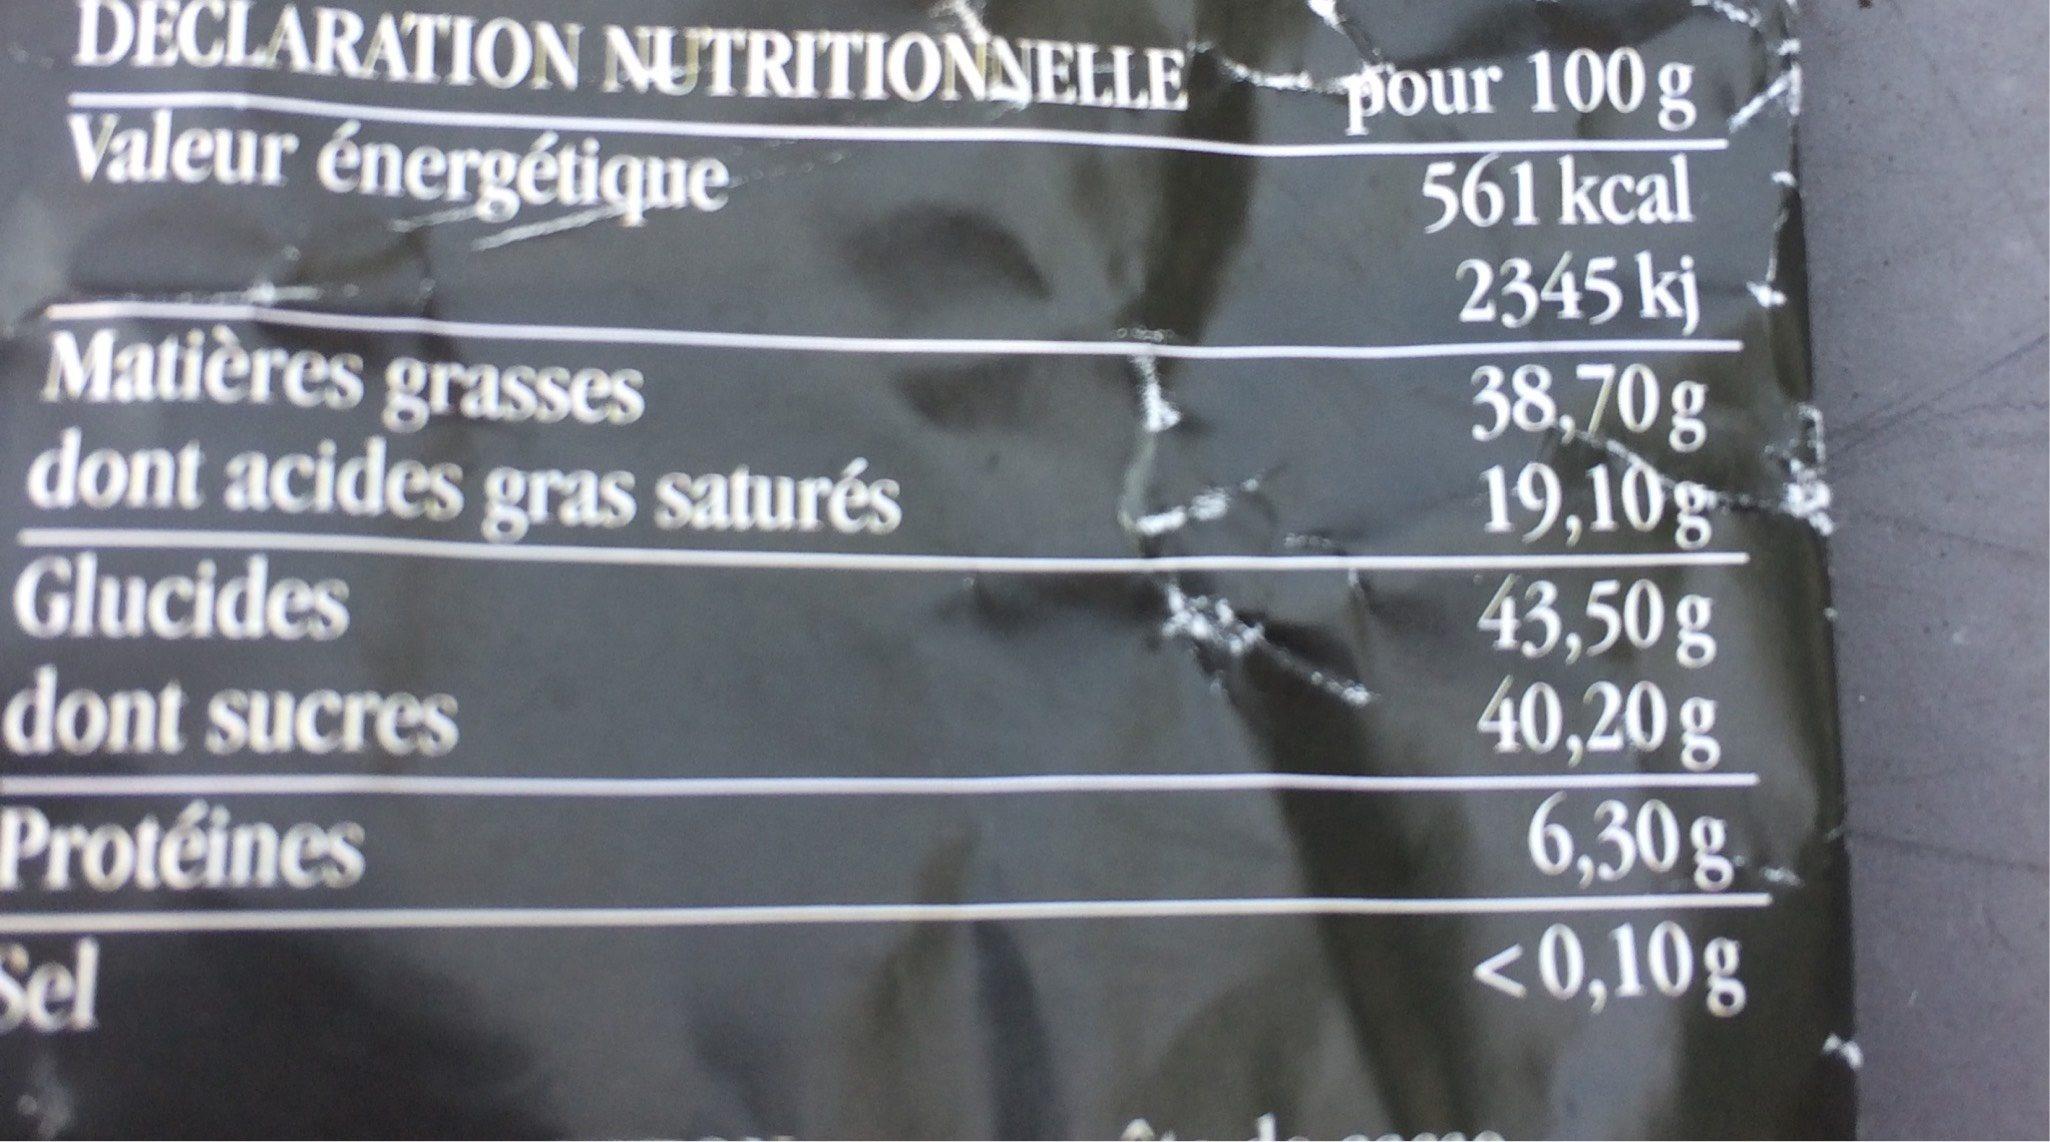 Chocolat Eclats de Noisettes - Informations nutritionnelles - fr